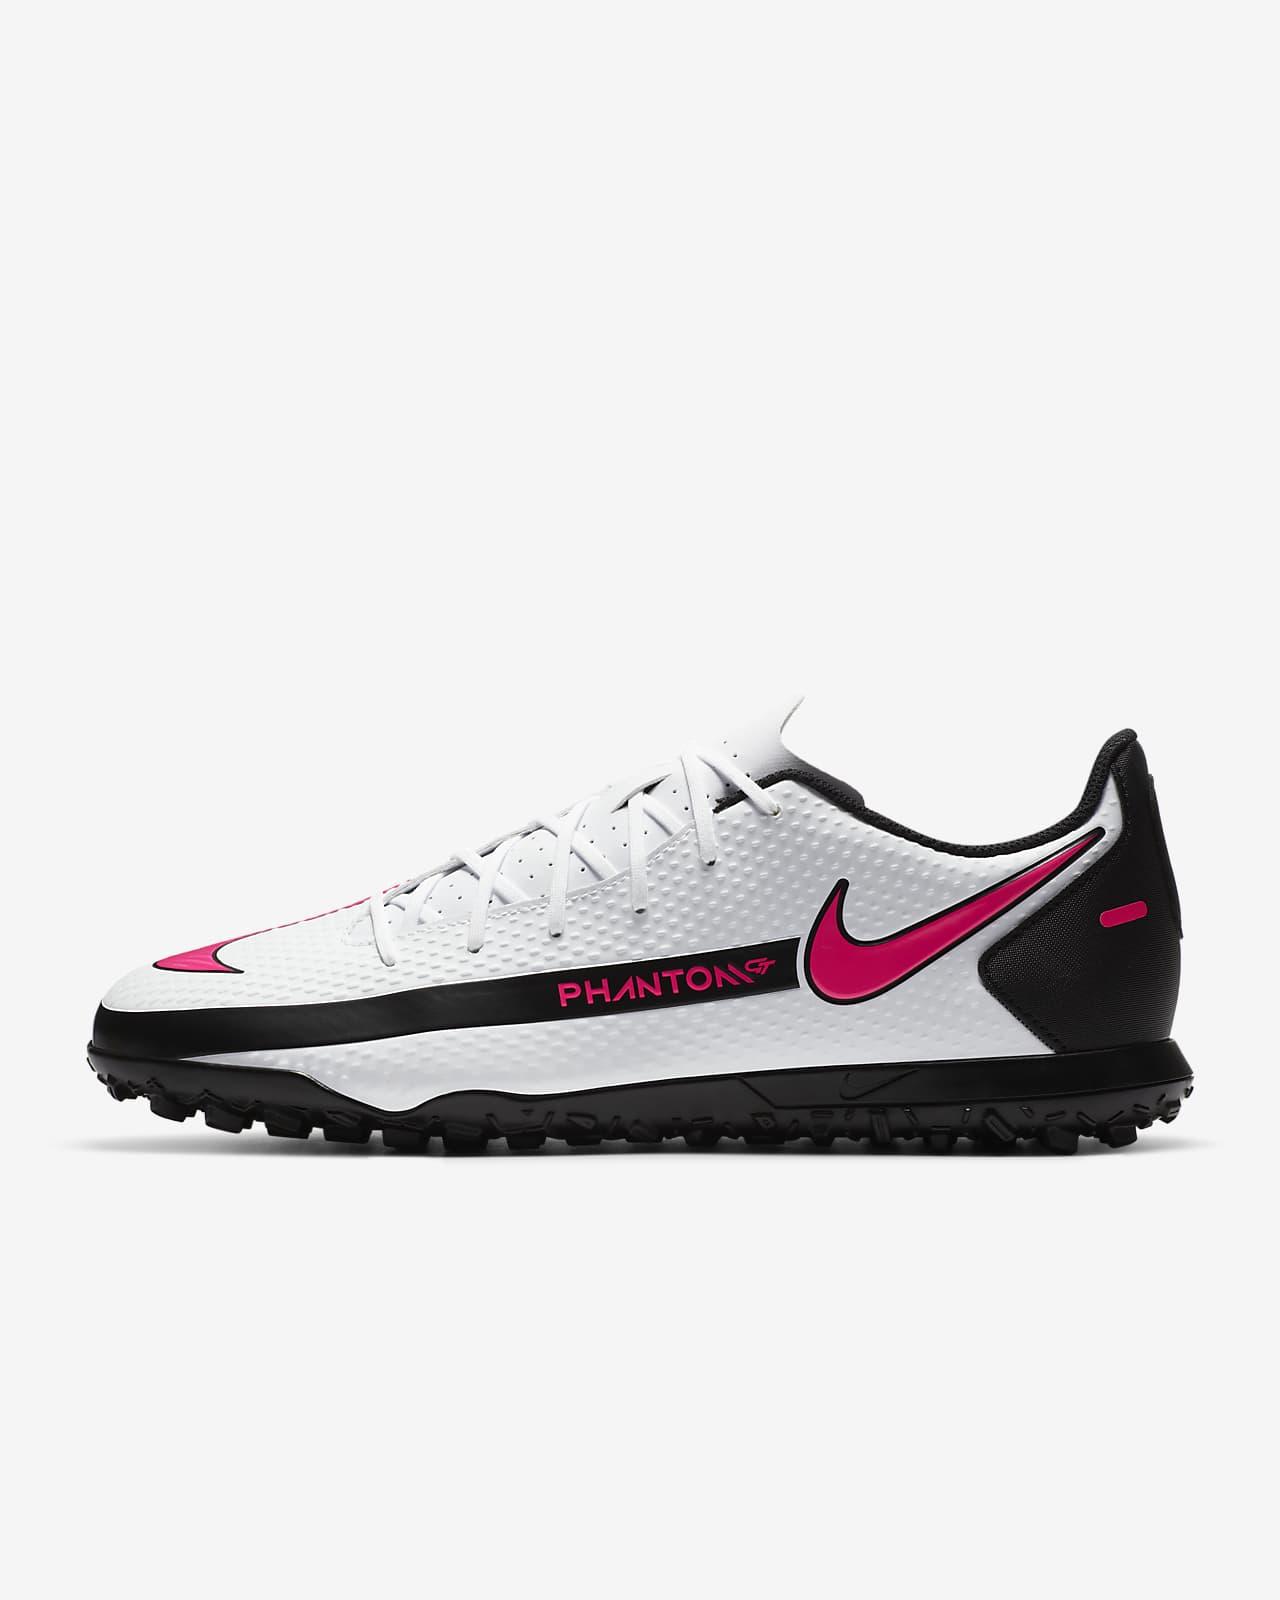 Nike Phantom GT Club TF Artificial-Turf Football Shoe